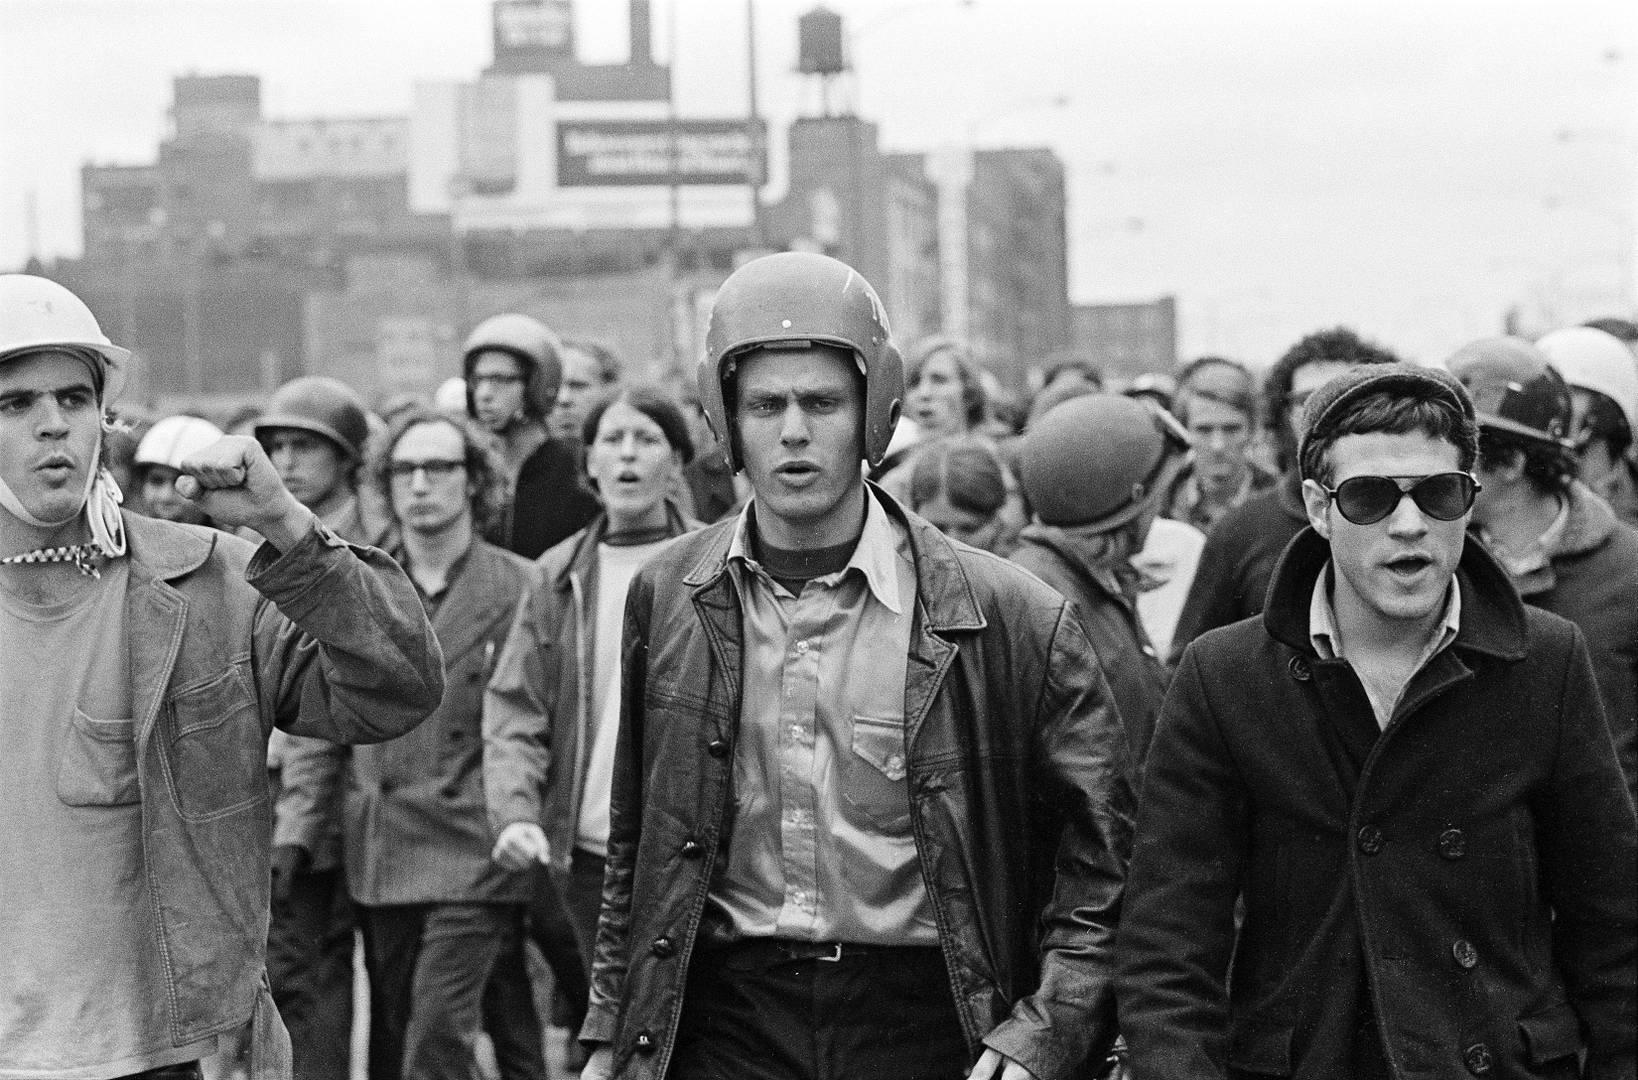 Лидеры организации The Weathermеn (слева направо): Питер Клэпп, Джон Якобс и Терри Роббинс, во время «Дней ярости» в Чикаго. 1969